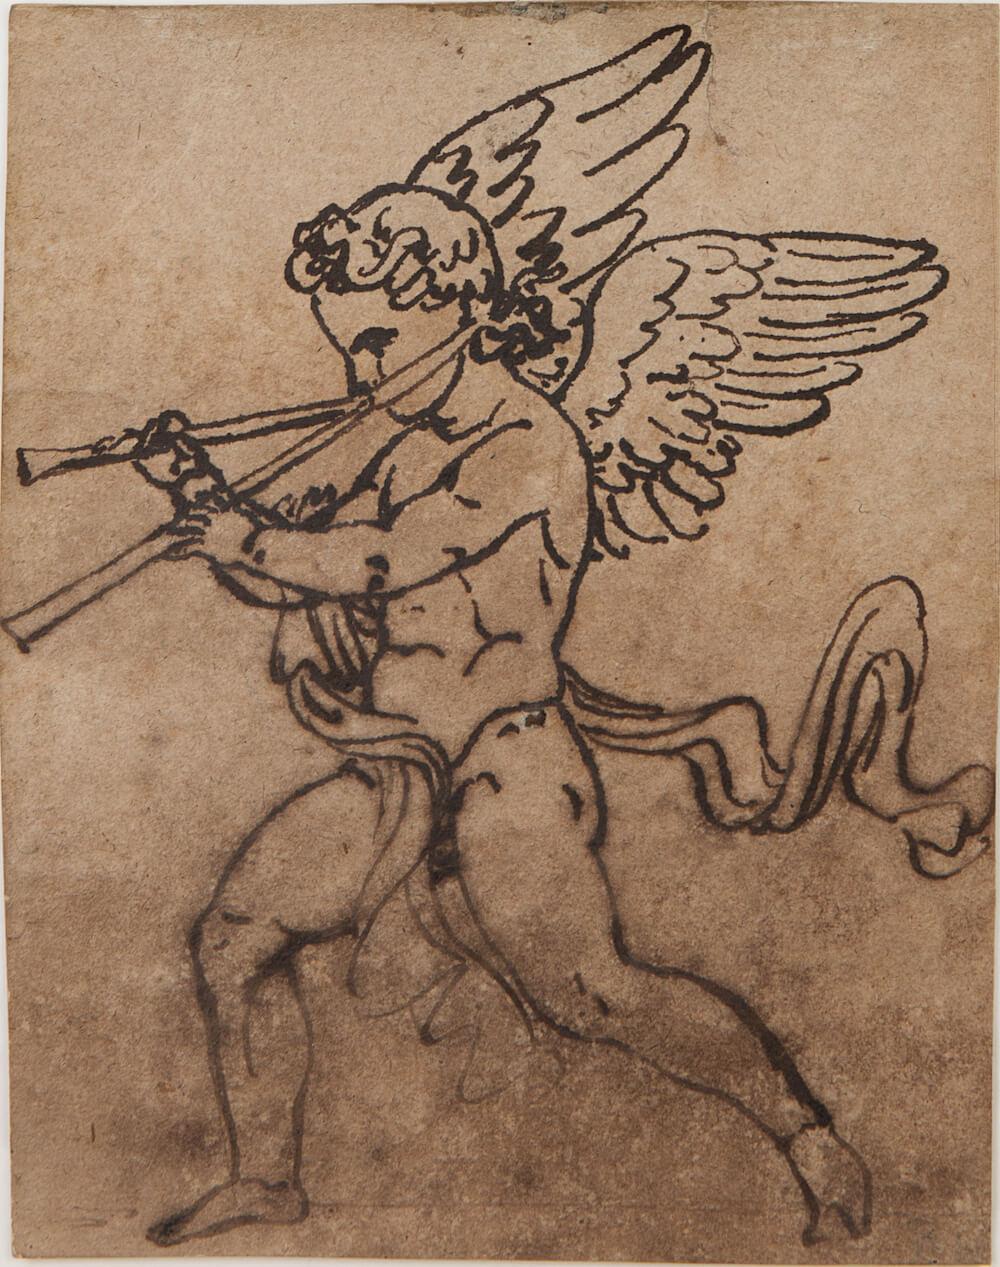 17- Bis Francois Rude (1784-1855), Angelots musiciens, dessins pre݁paratoires pour les de݁cors de la salle de bal du Palais royal de Bruxelles, circa 1816-1827, n.2